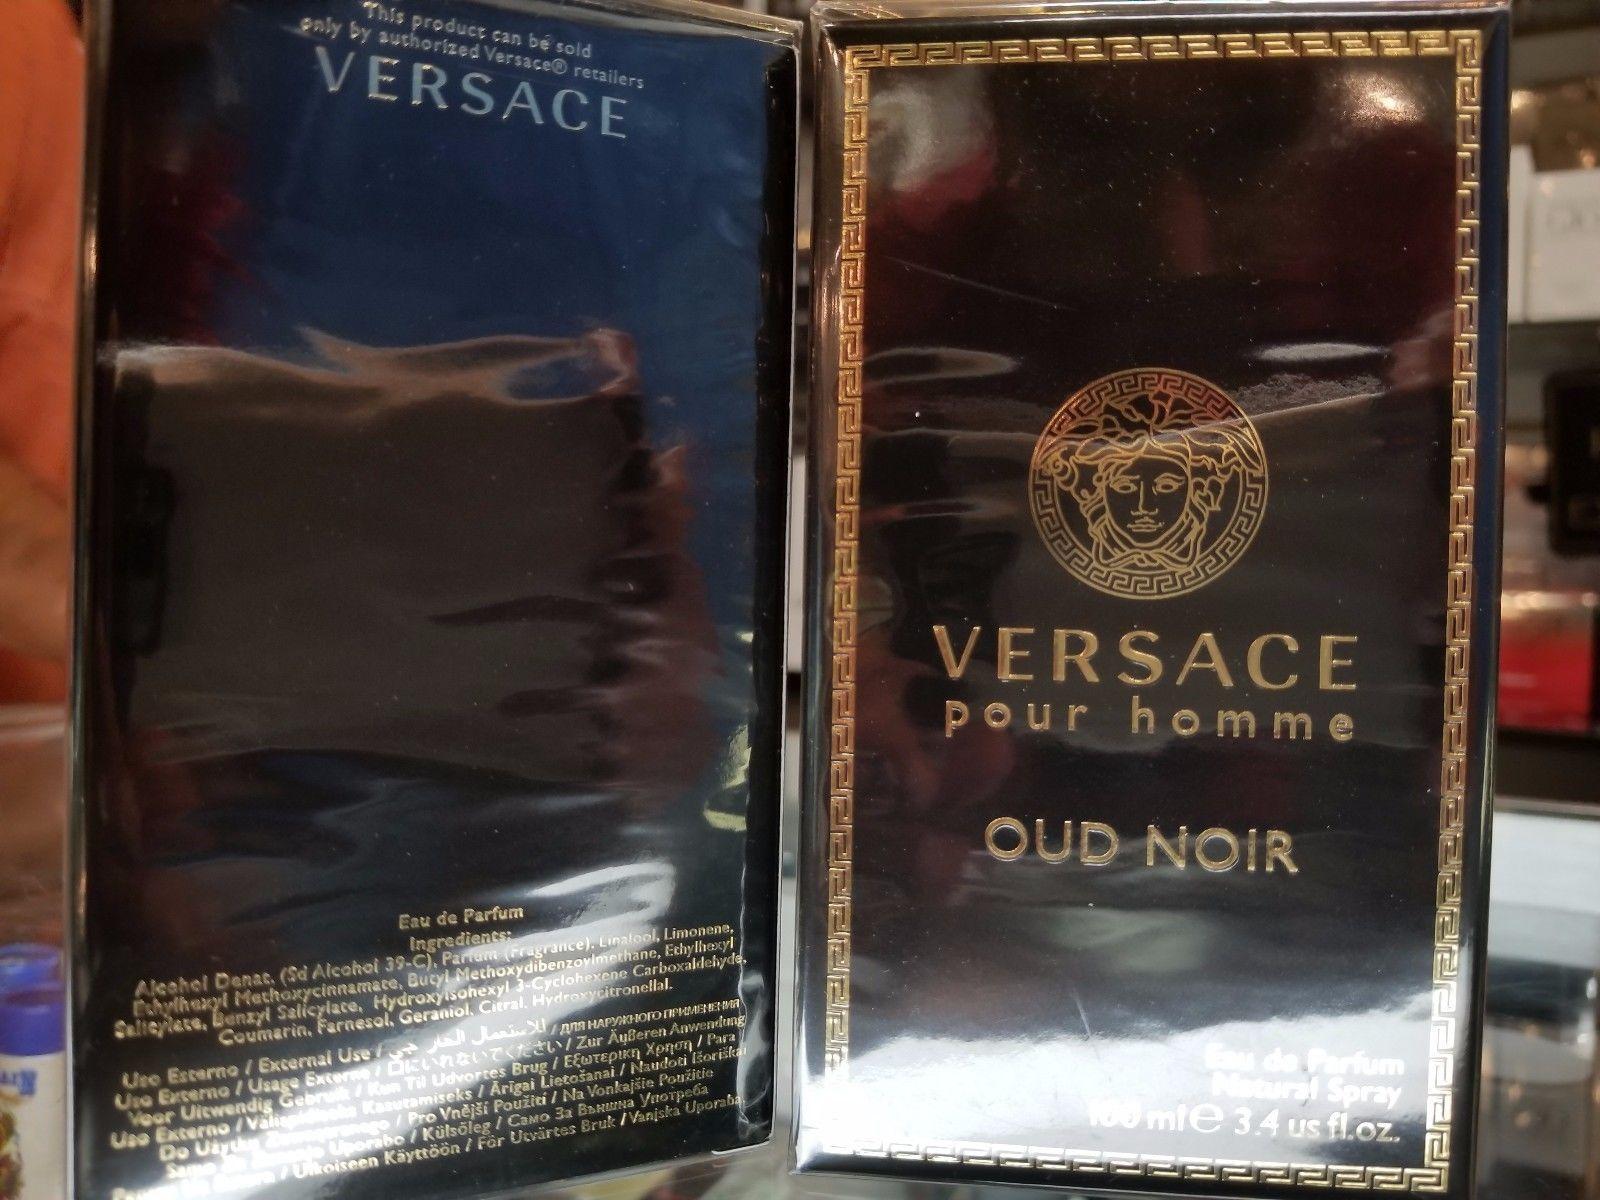 Versace Pour Homme OUD NOIR 3.4 oz / 100 ml EDP Eau de Parfum Spray Men * SEALED - $87.99